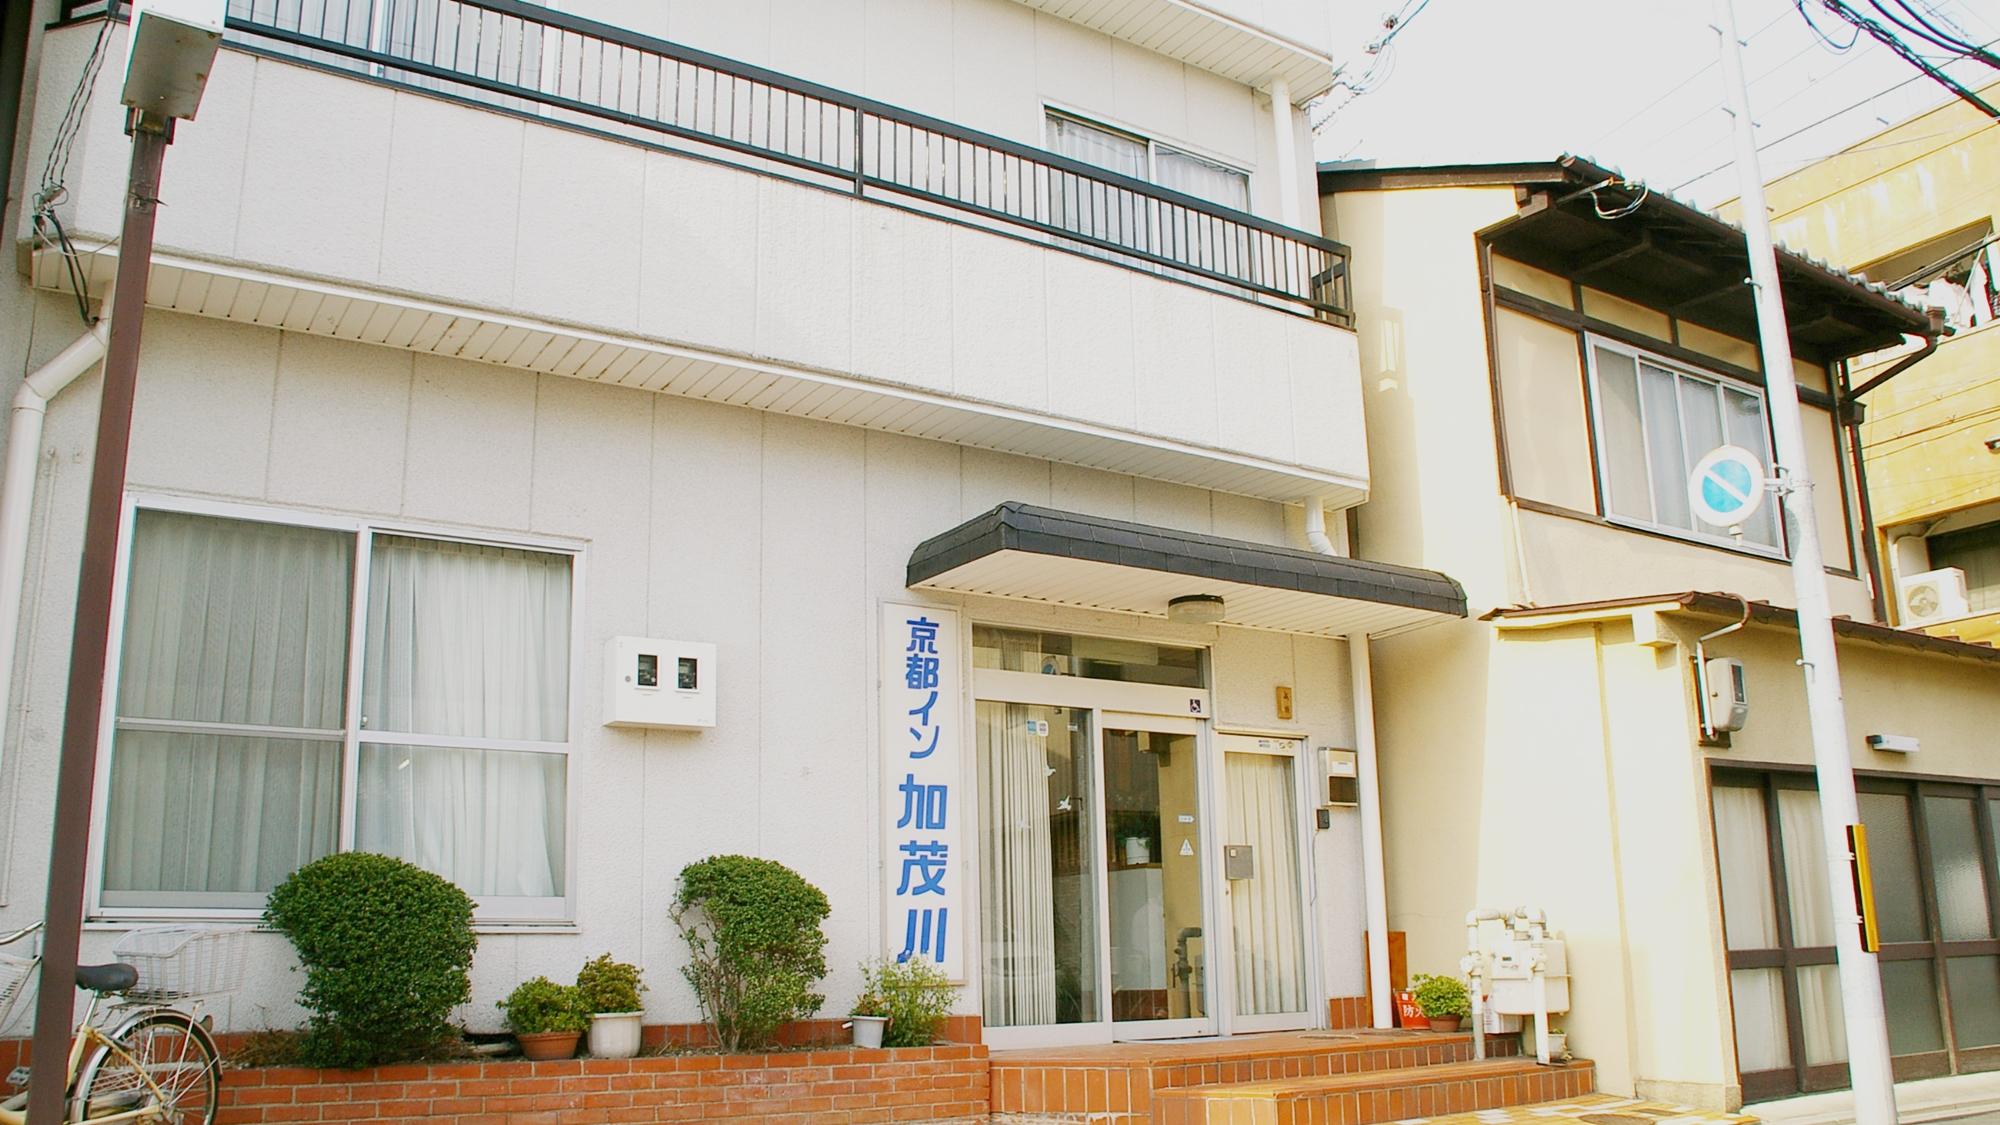 京都イン加茂川◆楽天トラベル